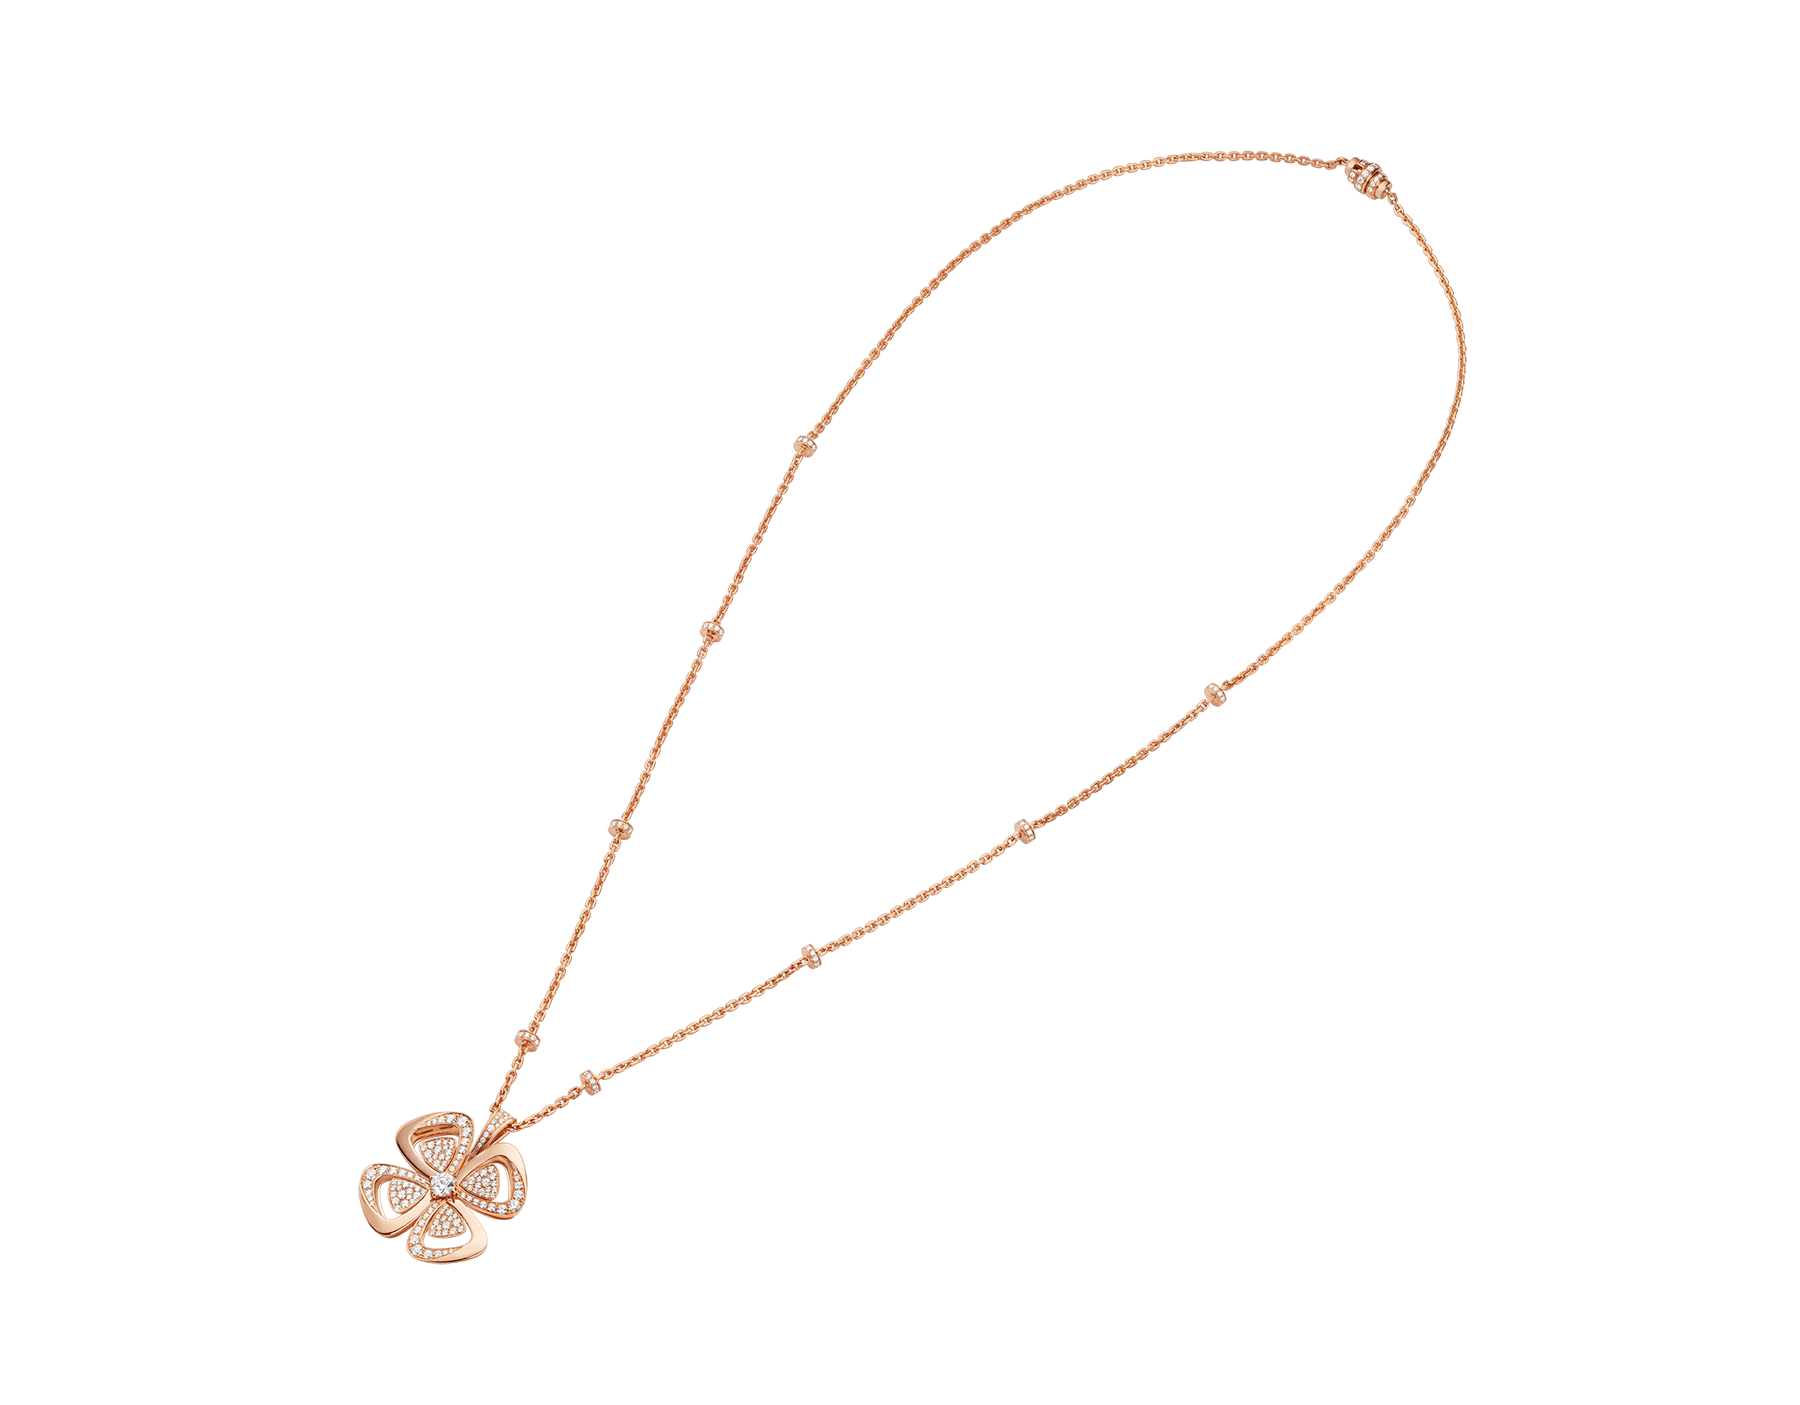 Fiorever咏绽系列18K玫瑰金项链,中央镶嵌一颗圆形明亮式切割钻石,饰以密镶钻石。 357218 image 2